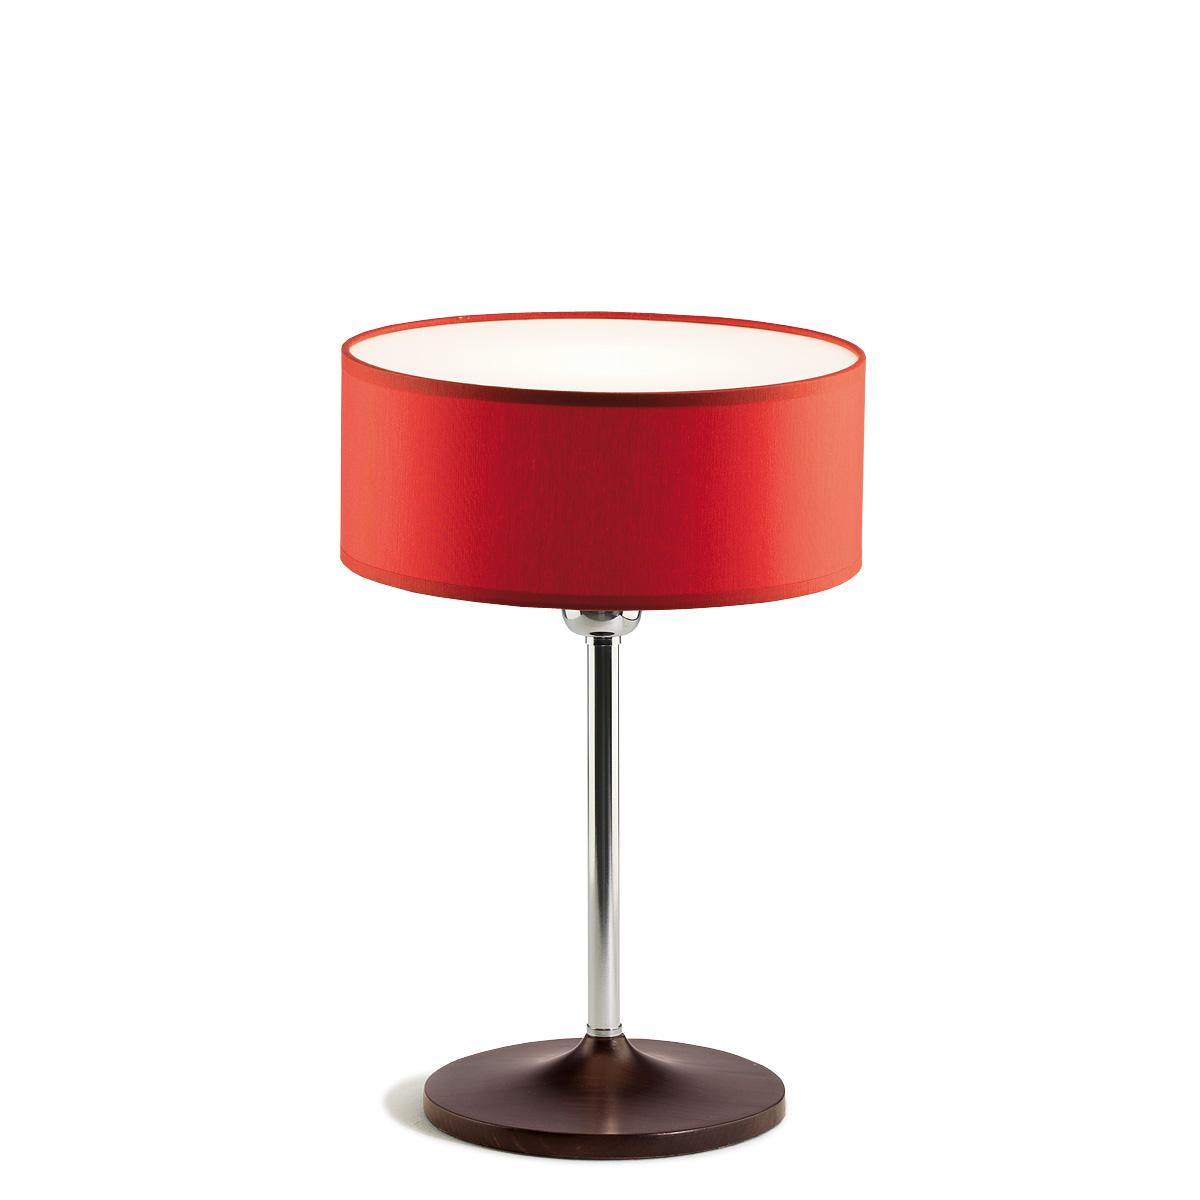 Επιτραπέζιο φωτιστικό με κόκκινο καπέλο DISCO ZEN table lamp with red shade